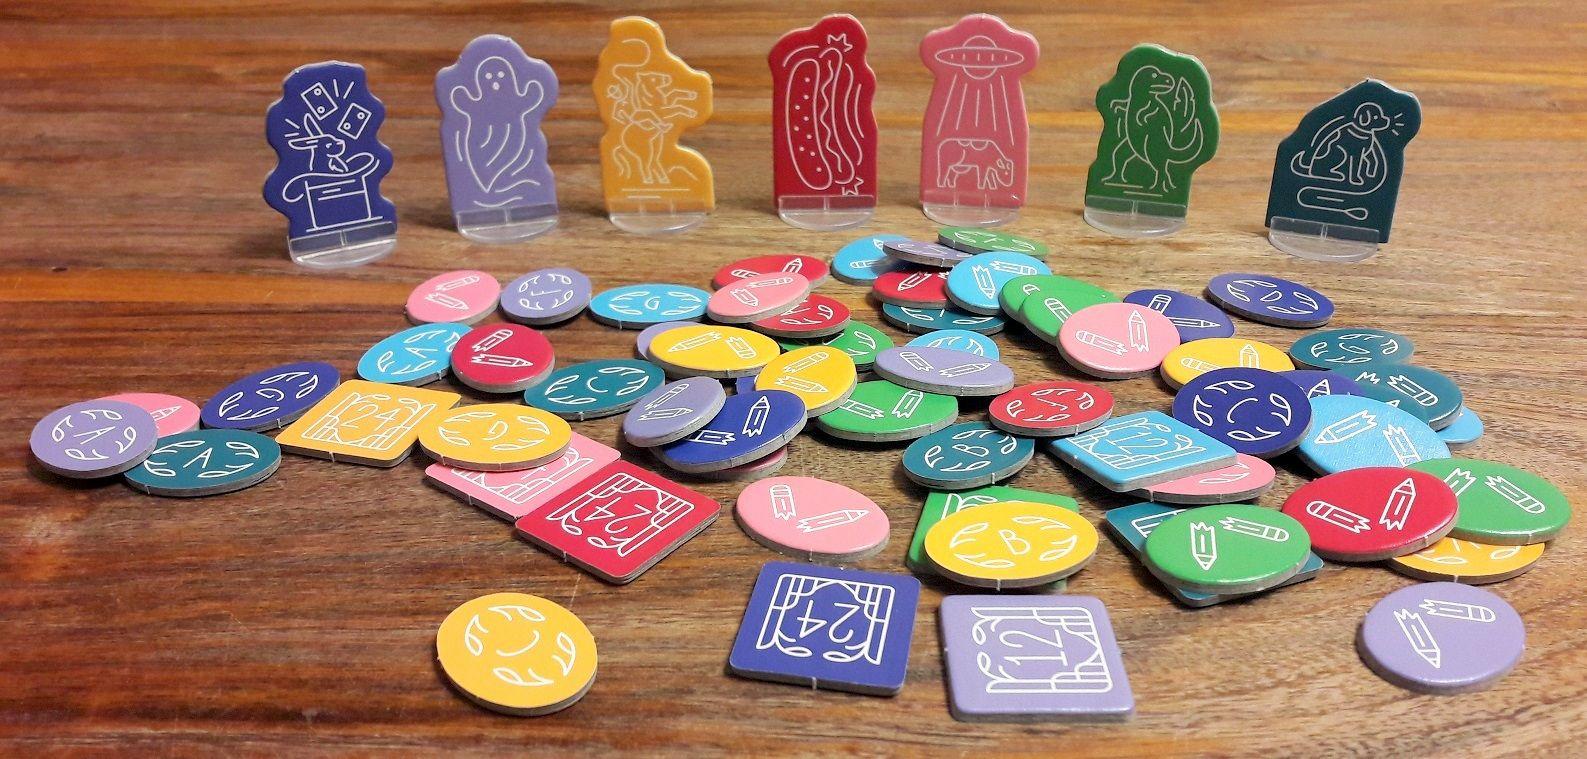 Une fois dépunchés, les nombreux jetons de vote (8) pour chacune des 8 couleurs de joueur possible et leur pion de score.